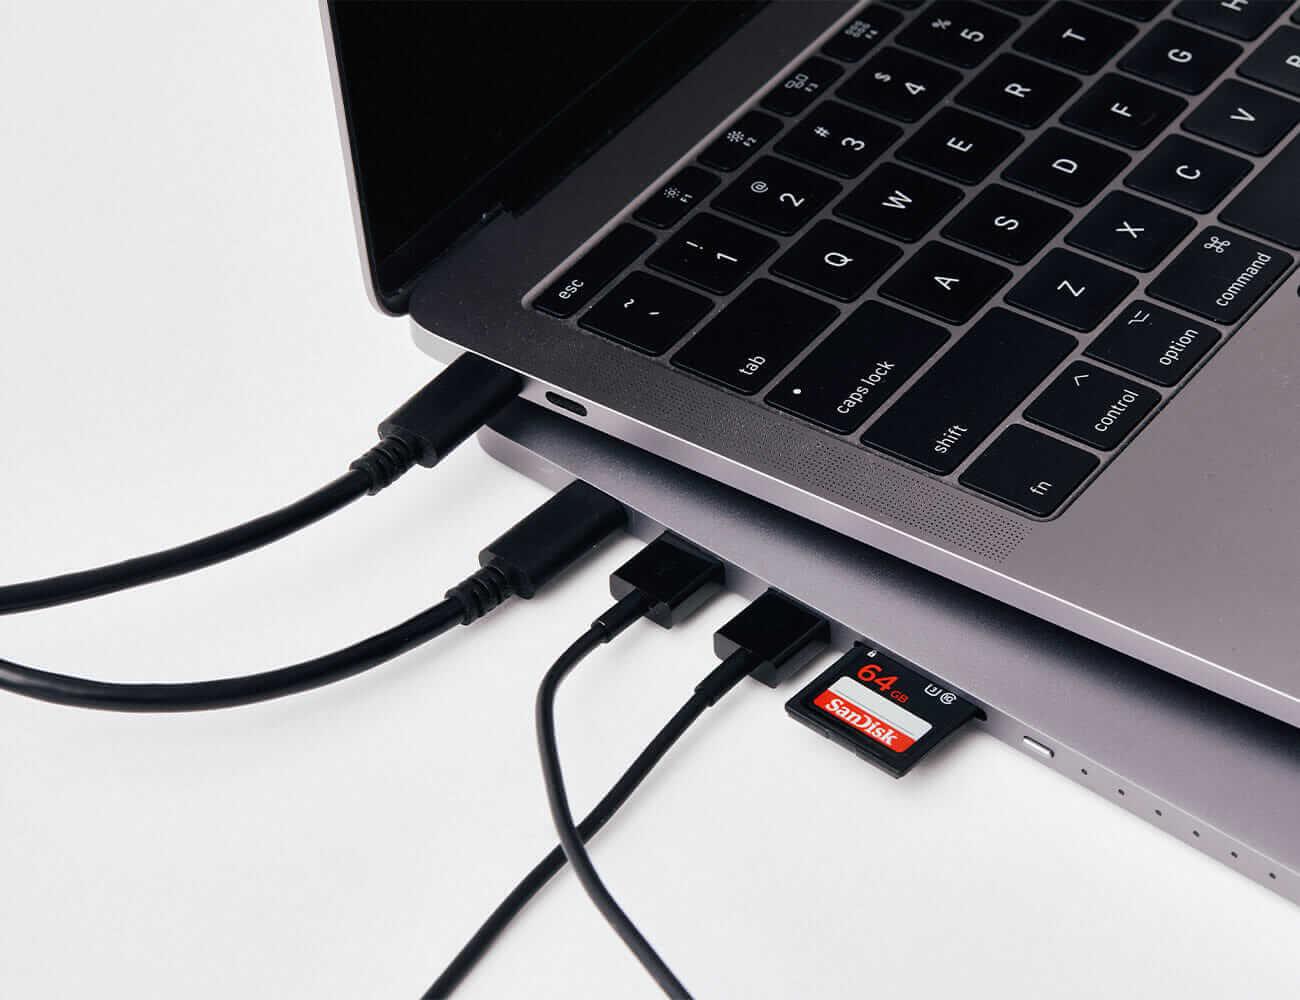 Это самый интересный аксессуар для MacBook Air и MacBook Pro